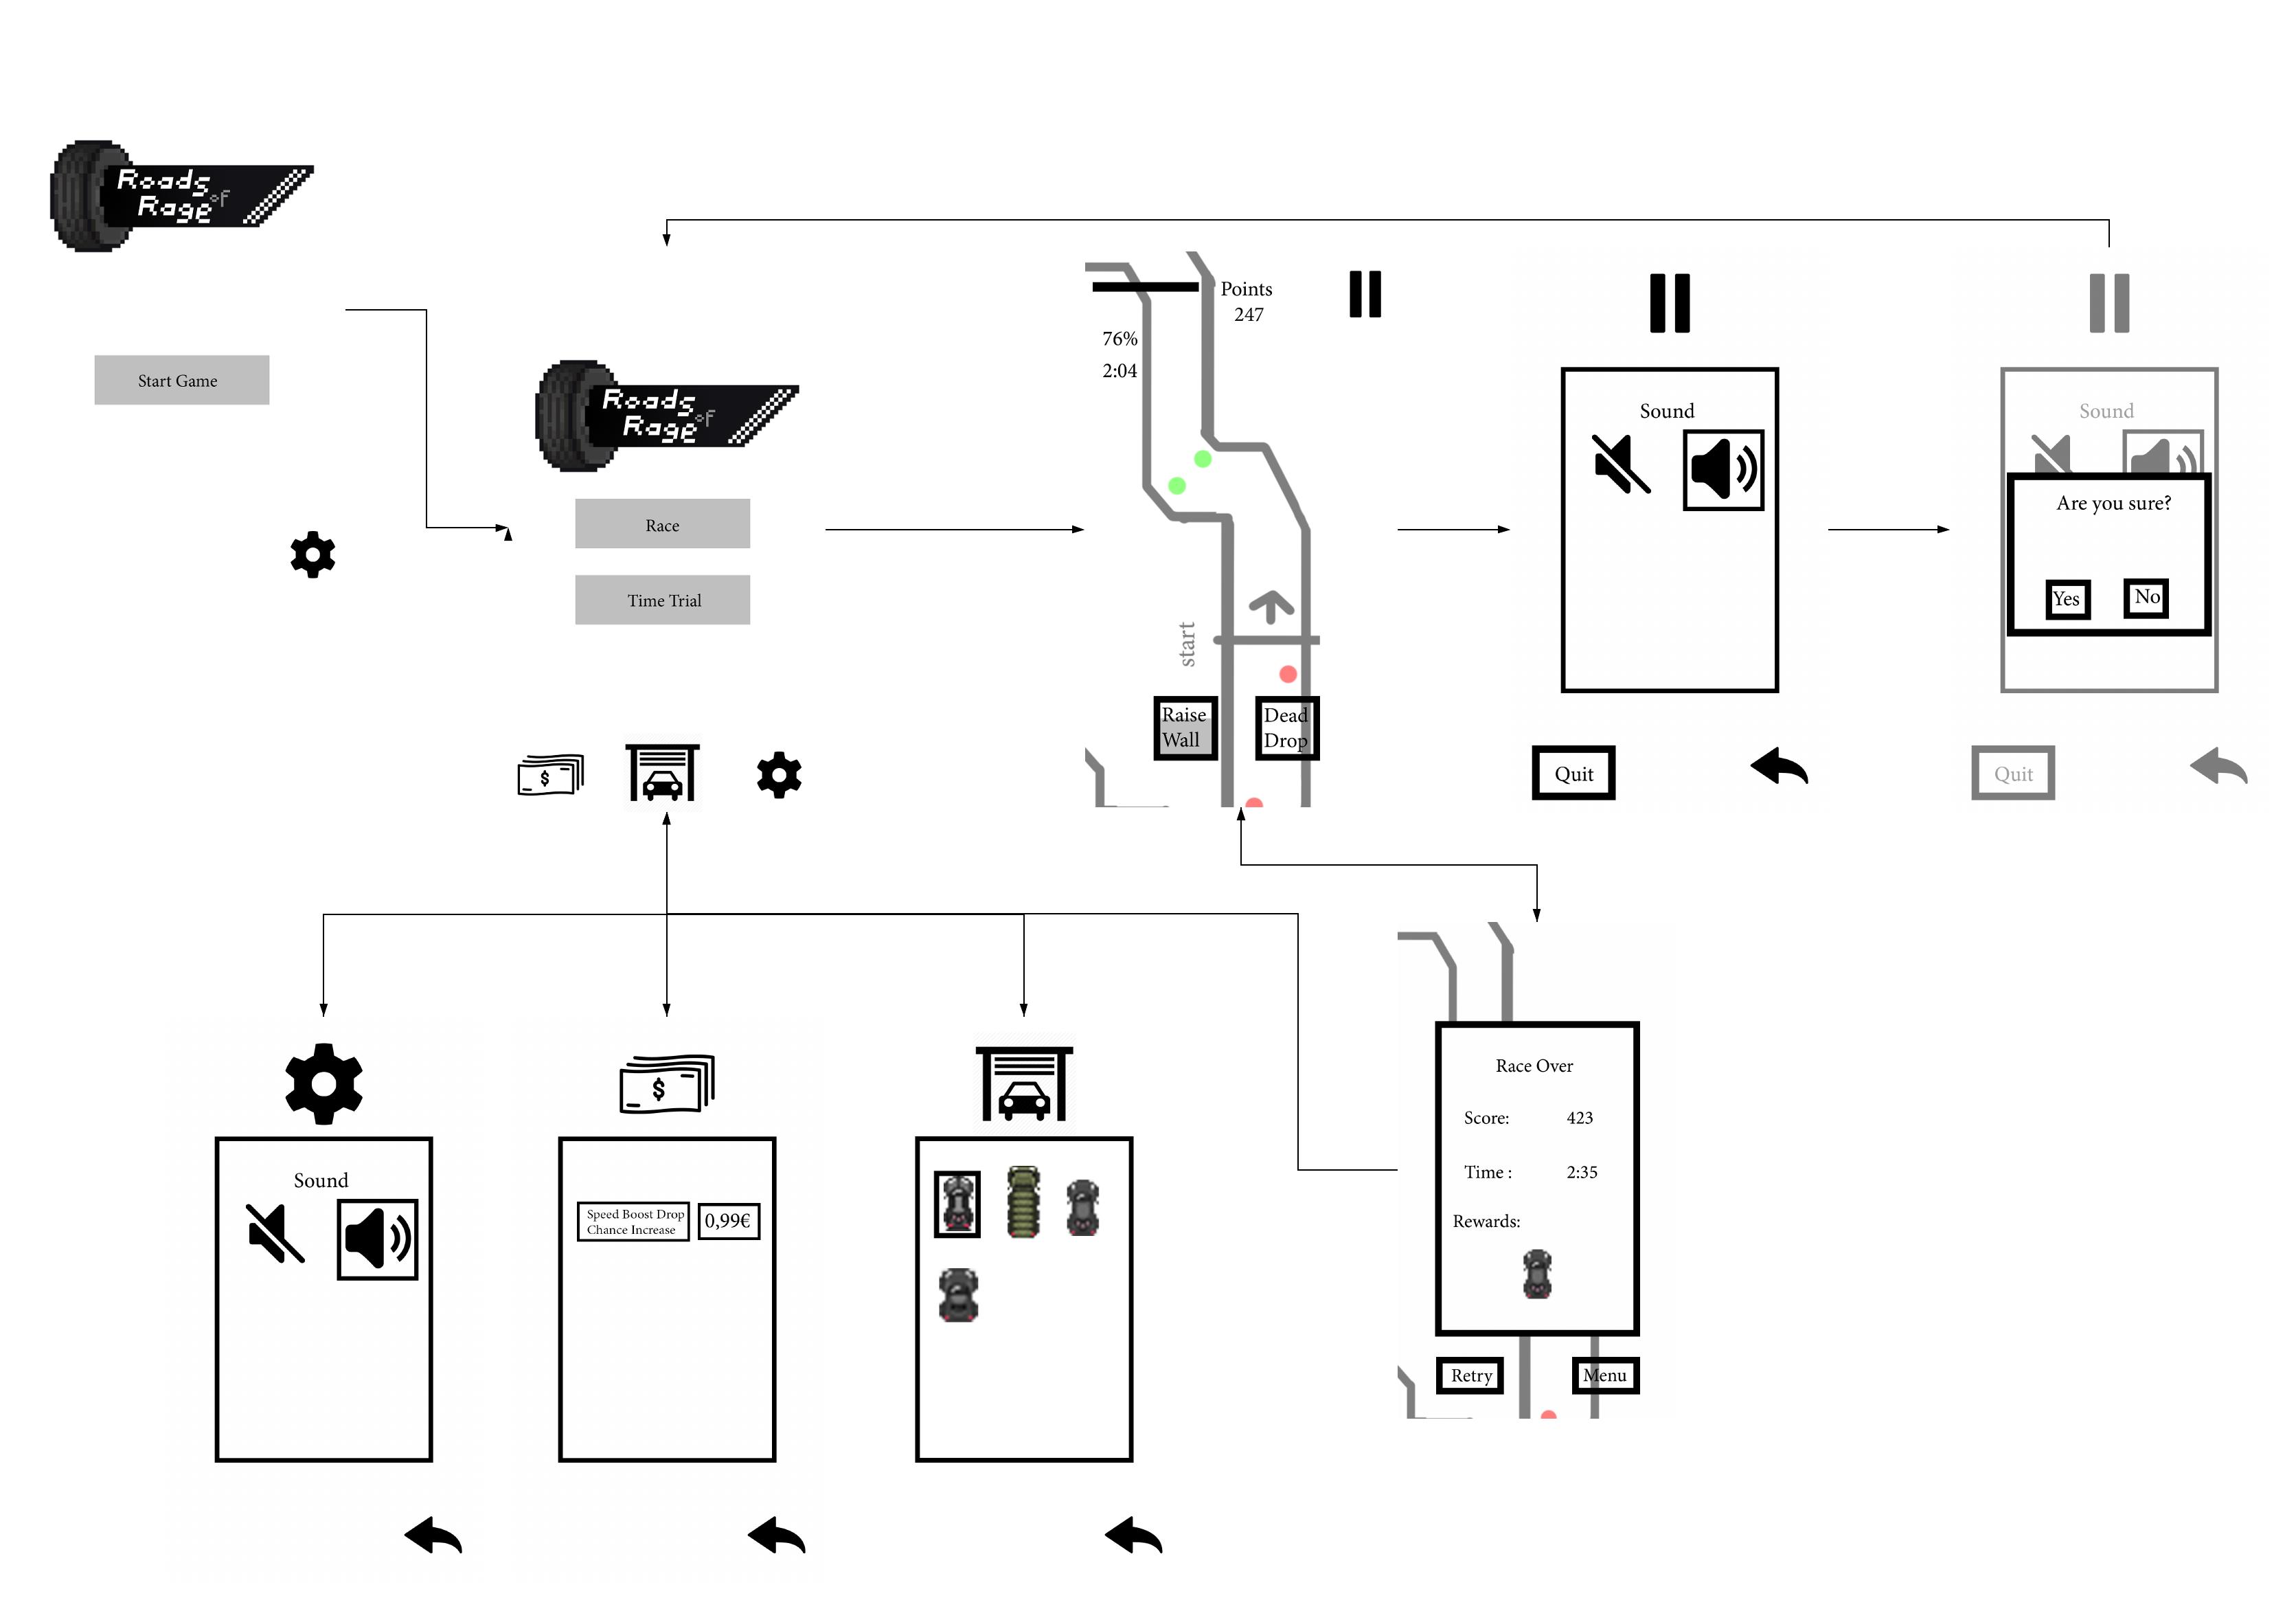 2D UI Flowchart